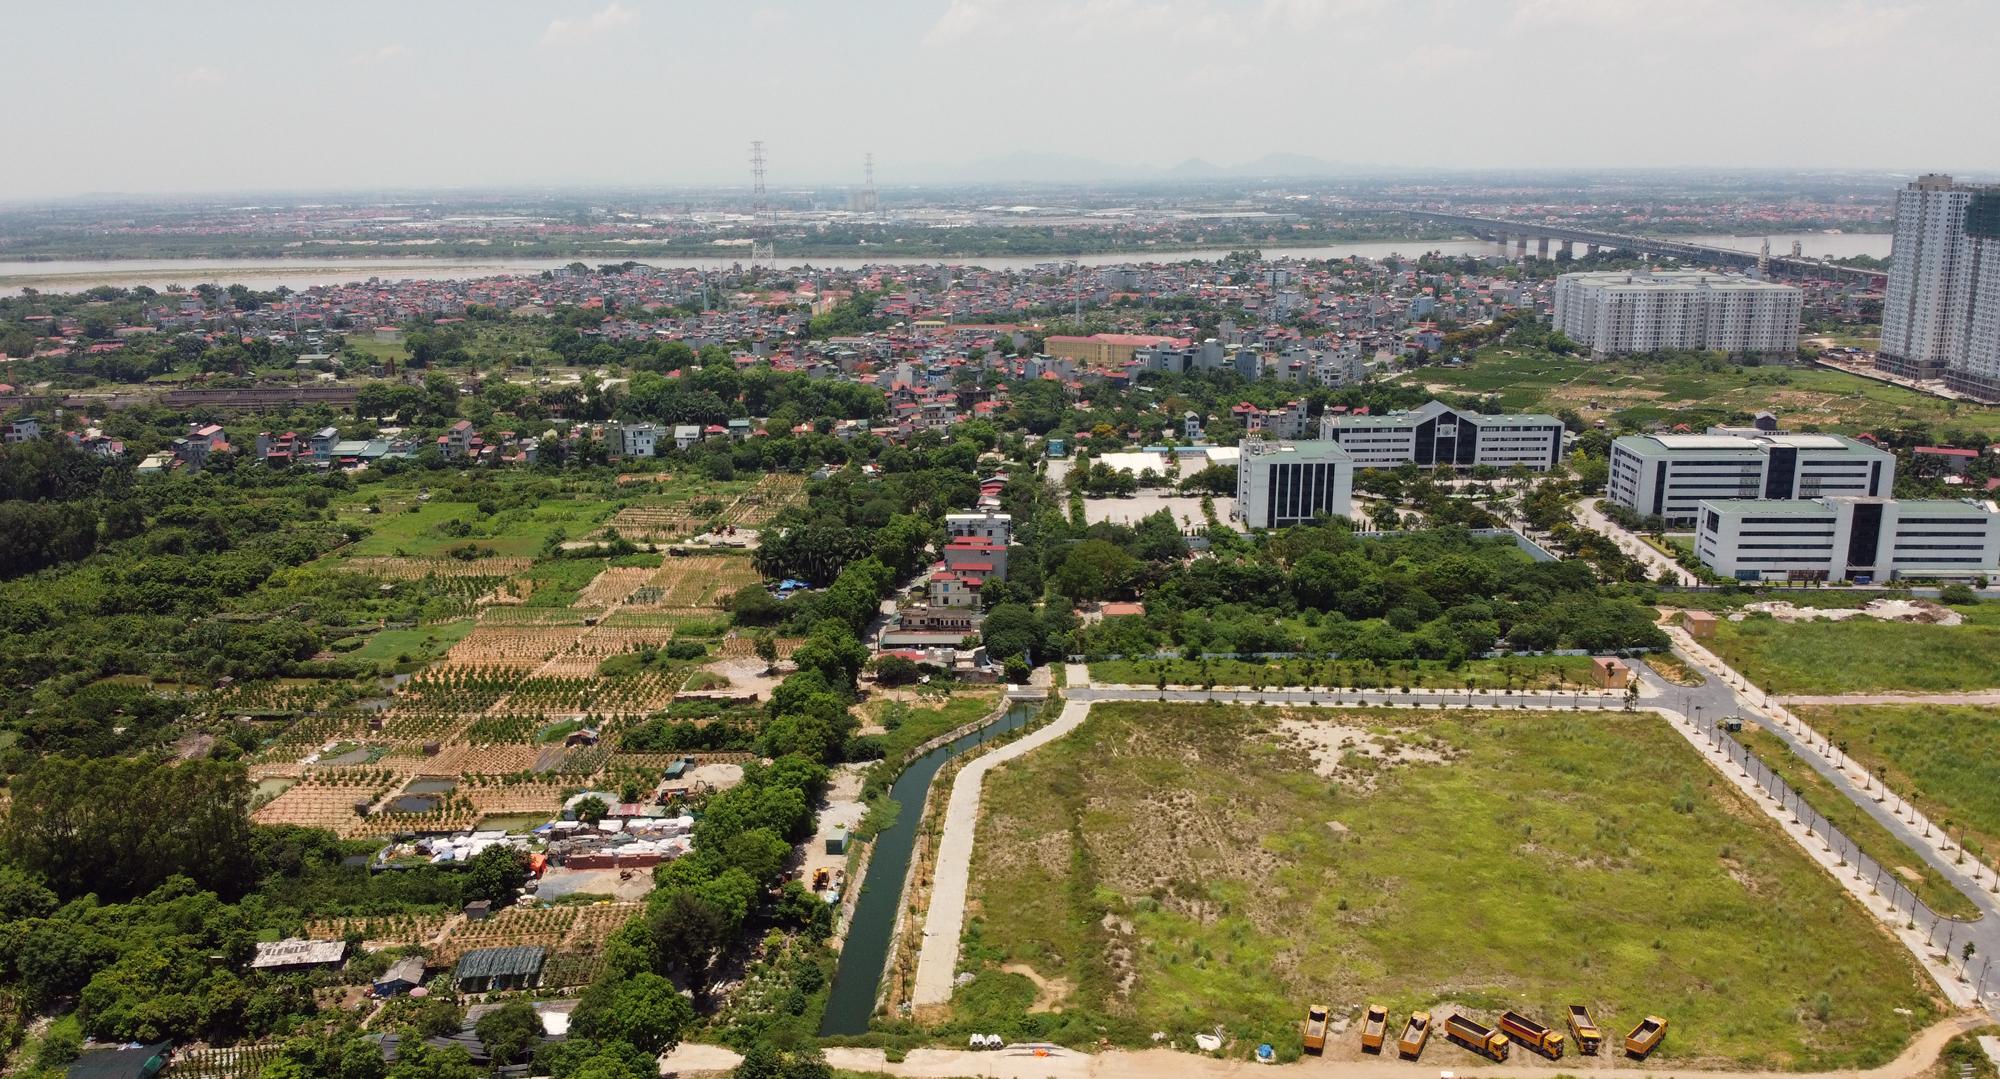 Những dự án chung cư gần các khu đất sẽ đào hồ lớn ở quận Bắc Từ Liêm - Ảnh 7.